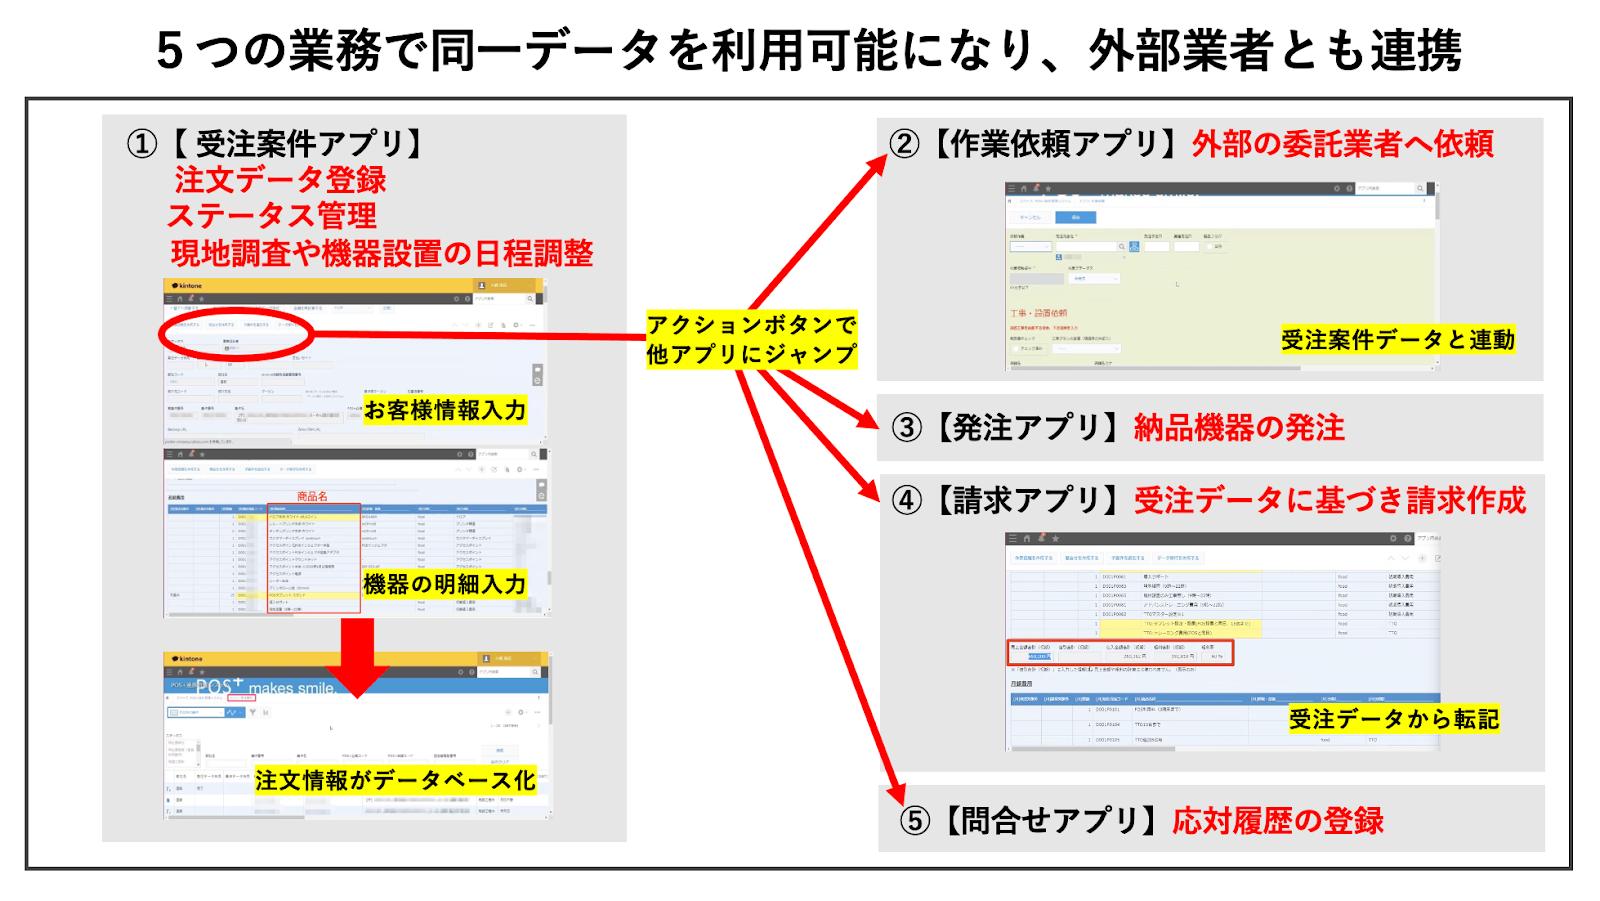 グラフィカル ユーザー インターフェイス, アプリケーション自動的に生成された説明